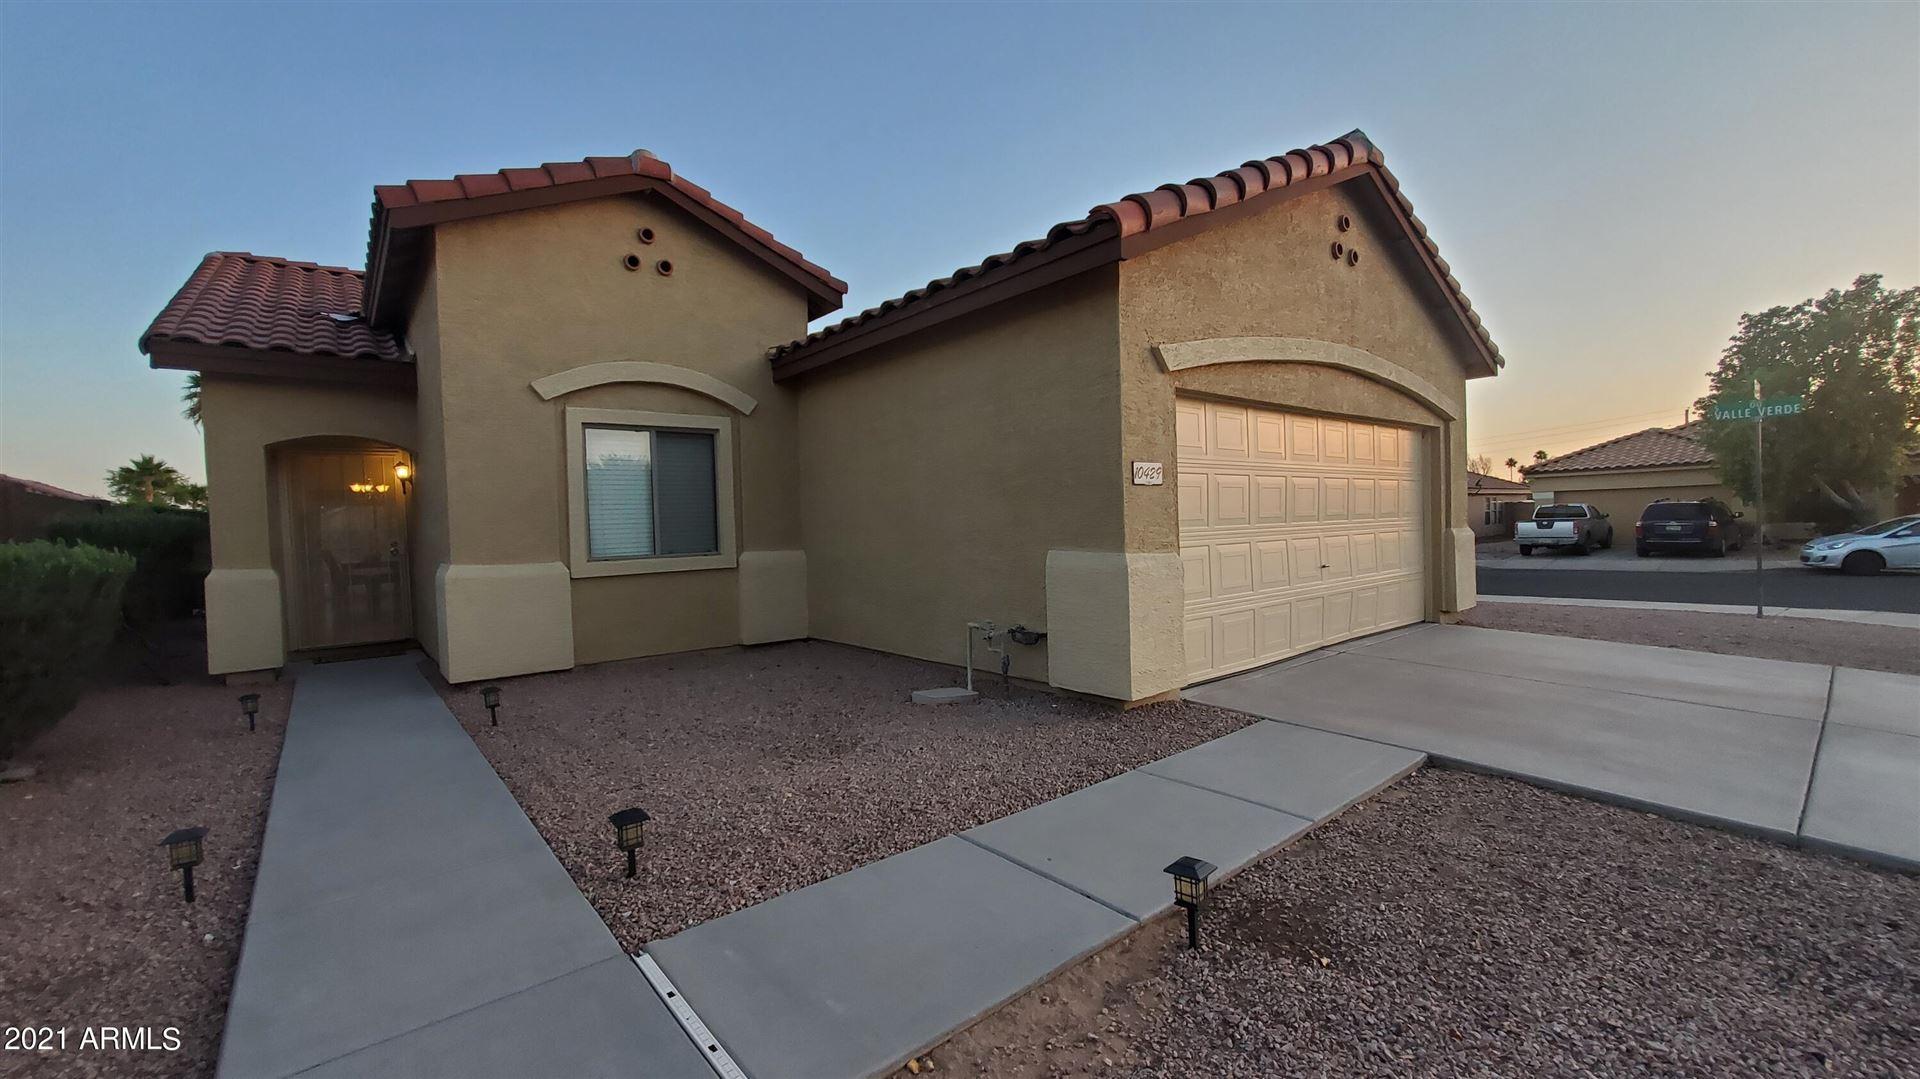 10429 E ABILENE Avenue, Mesa, AZ 85208 - MLS#: 6235170